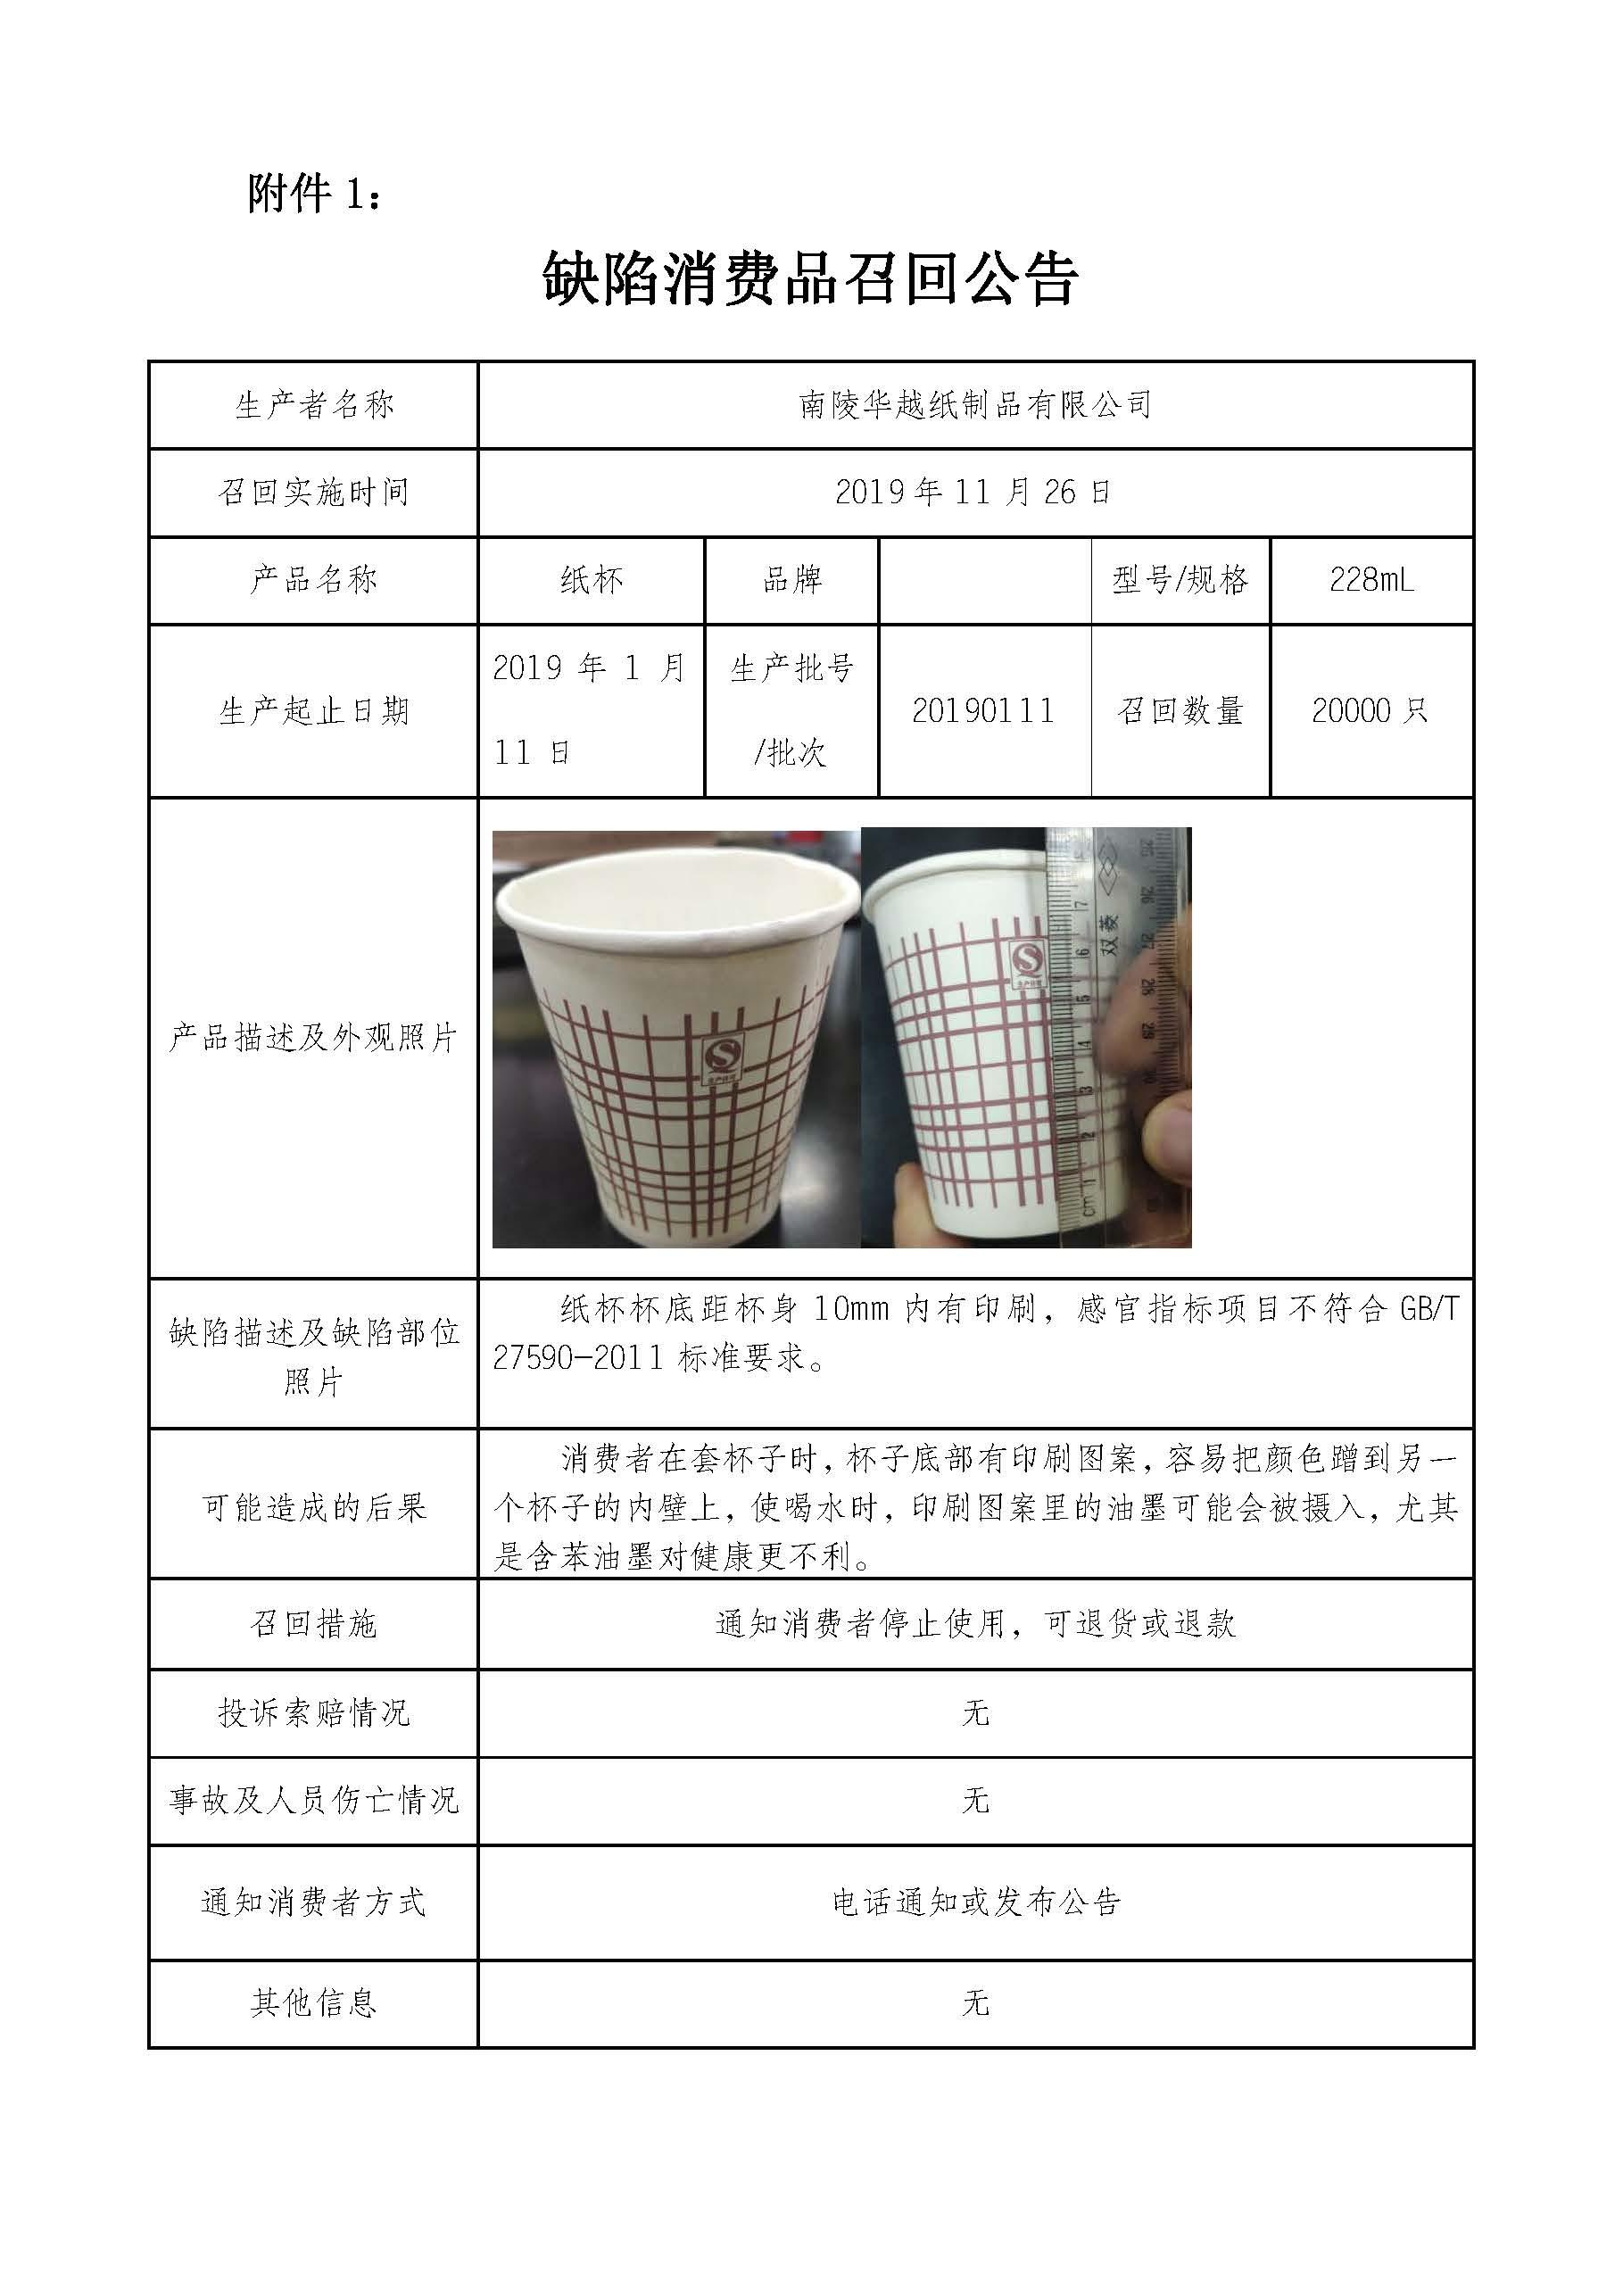 南陵华越纸制品万博max登陆万博max手机228mL型号纸杯